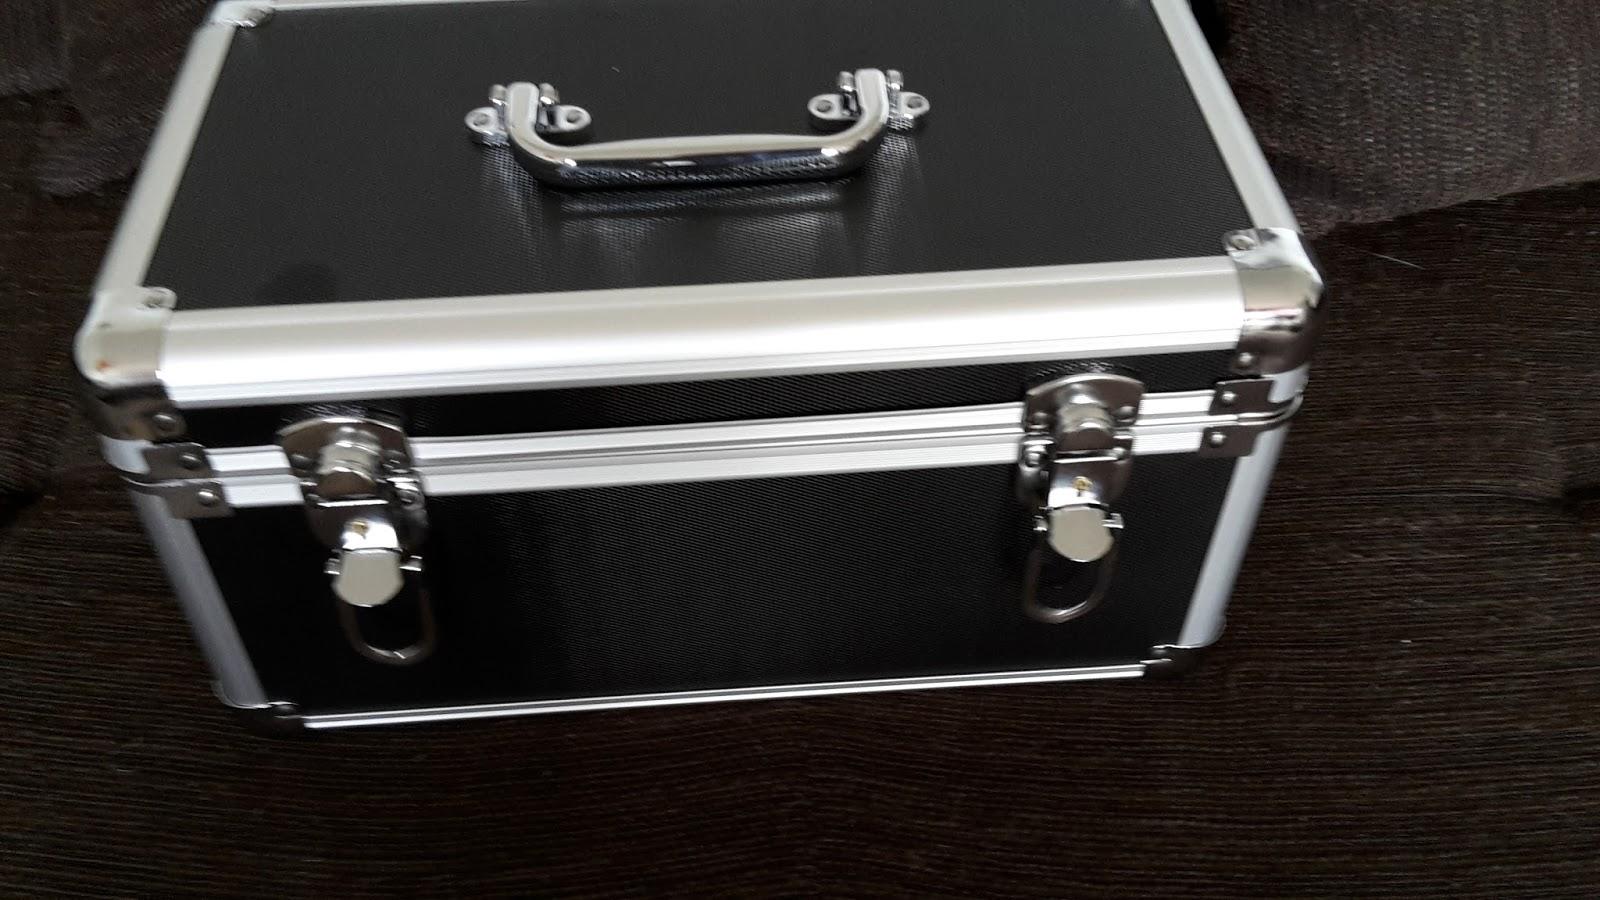 lahr2006 testet salcar festplatten schutzkoffer 10. Black Bedroom Furniture Sets. Home Design Ideas